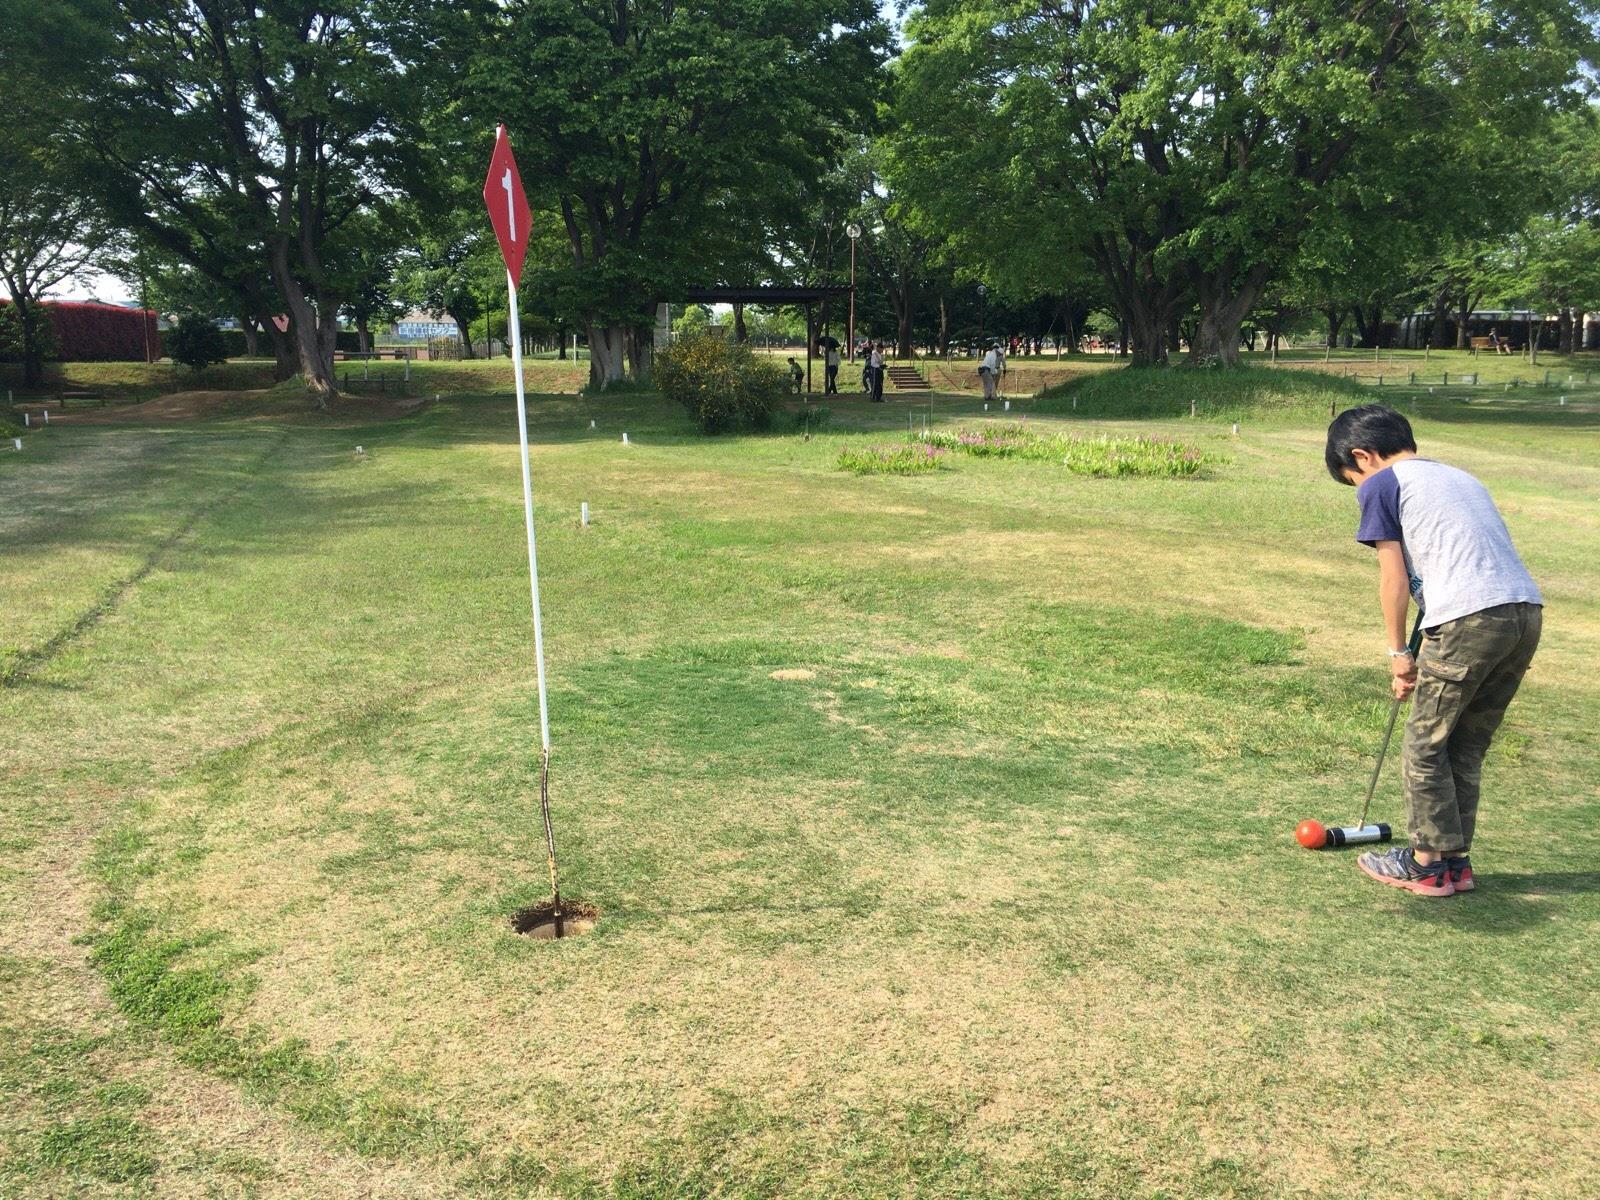 新座市総合運動公園でマレットゴルフ | 親子1000円以内で、芝生の上でのお散歩とピクニック気分を楽しんだ一日